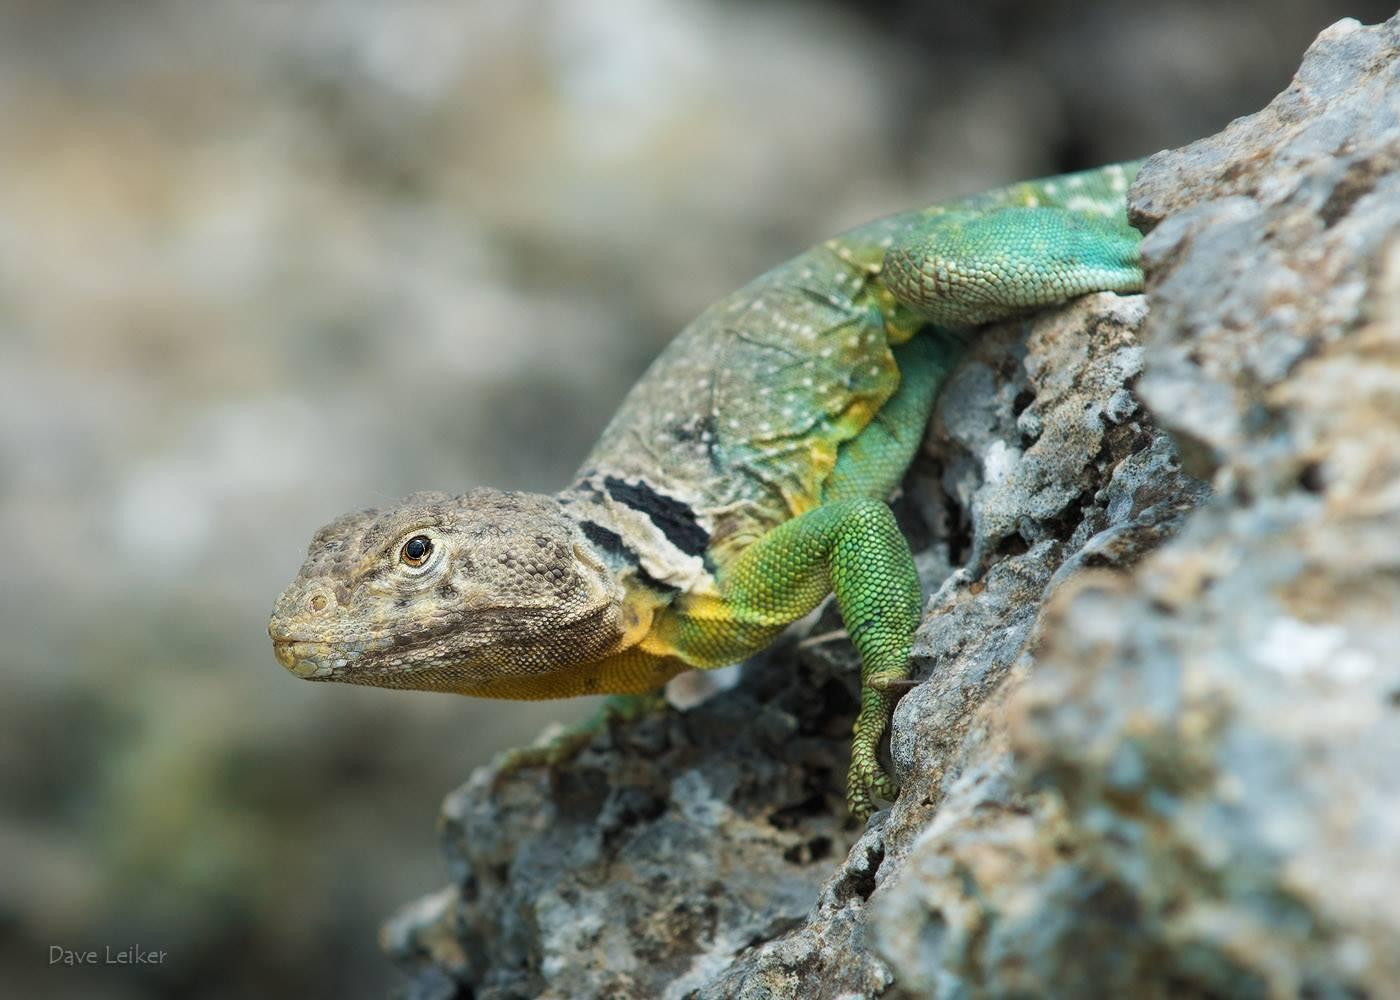 Collared lizard on rocks